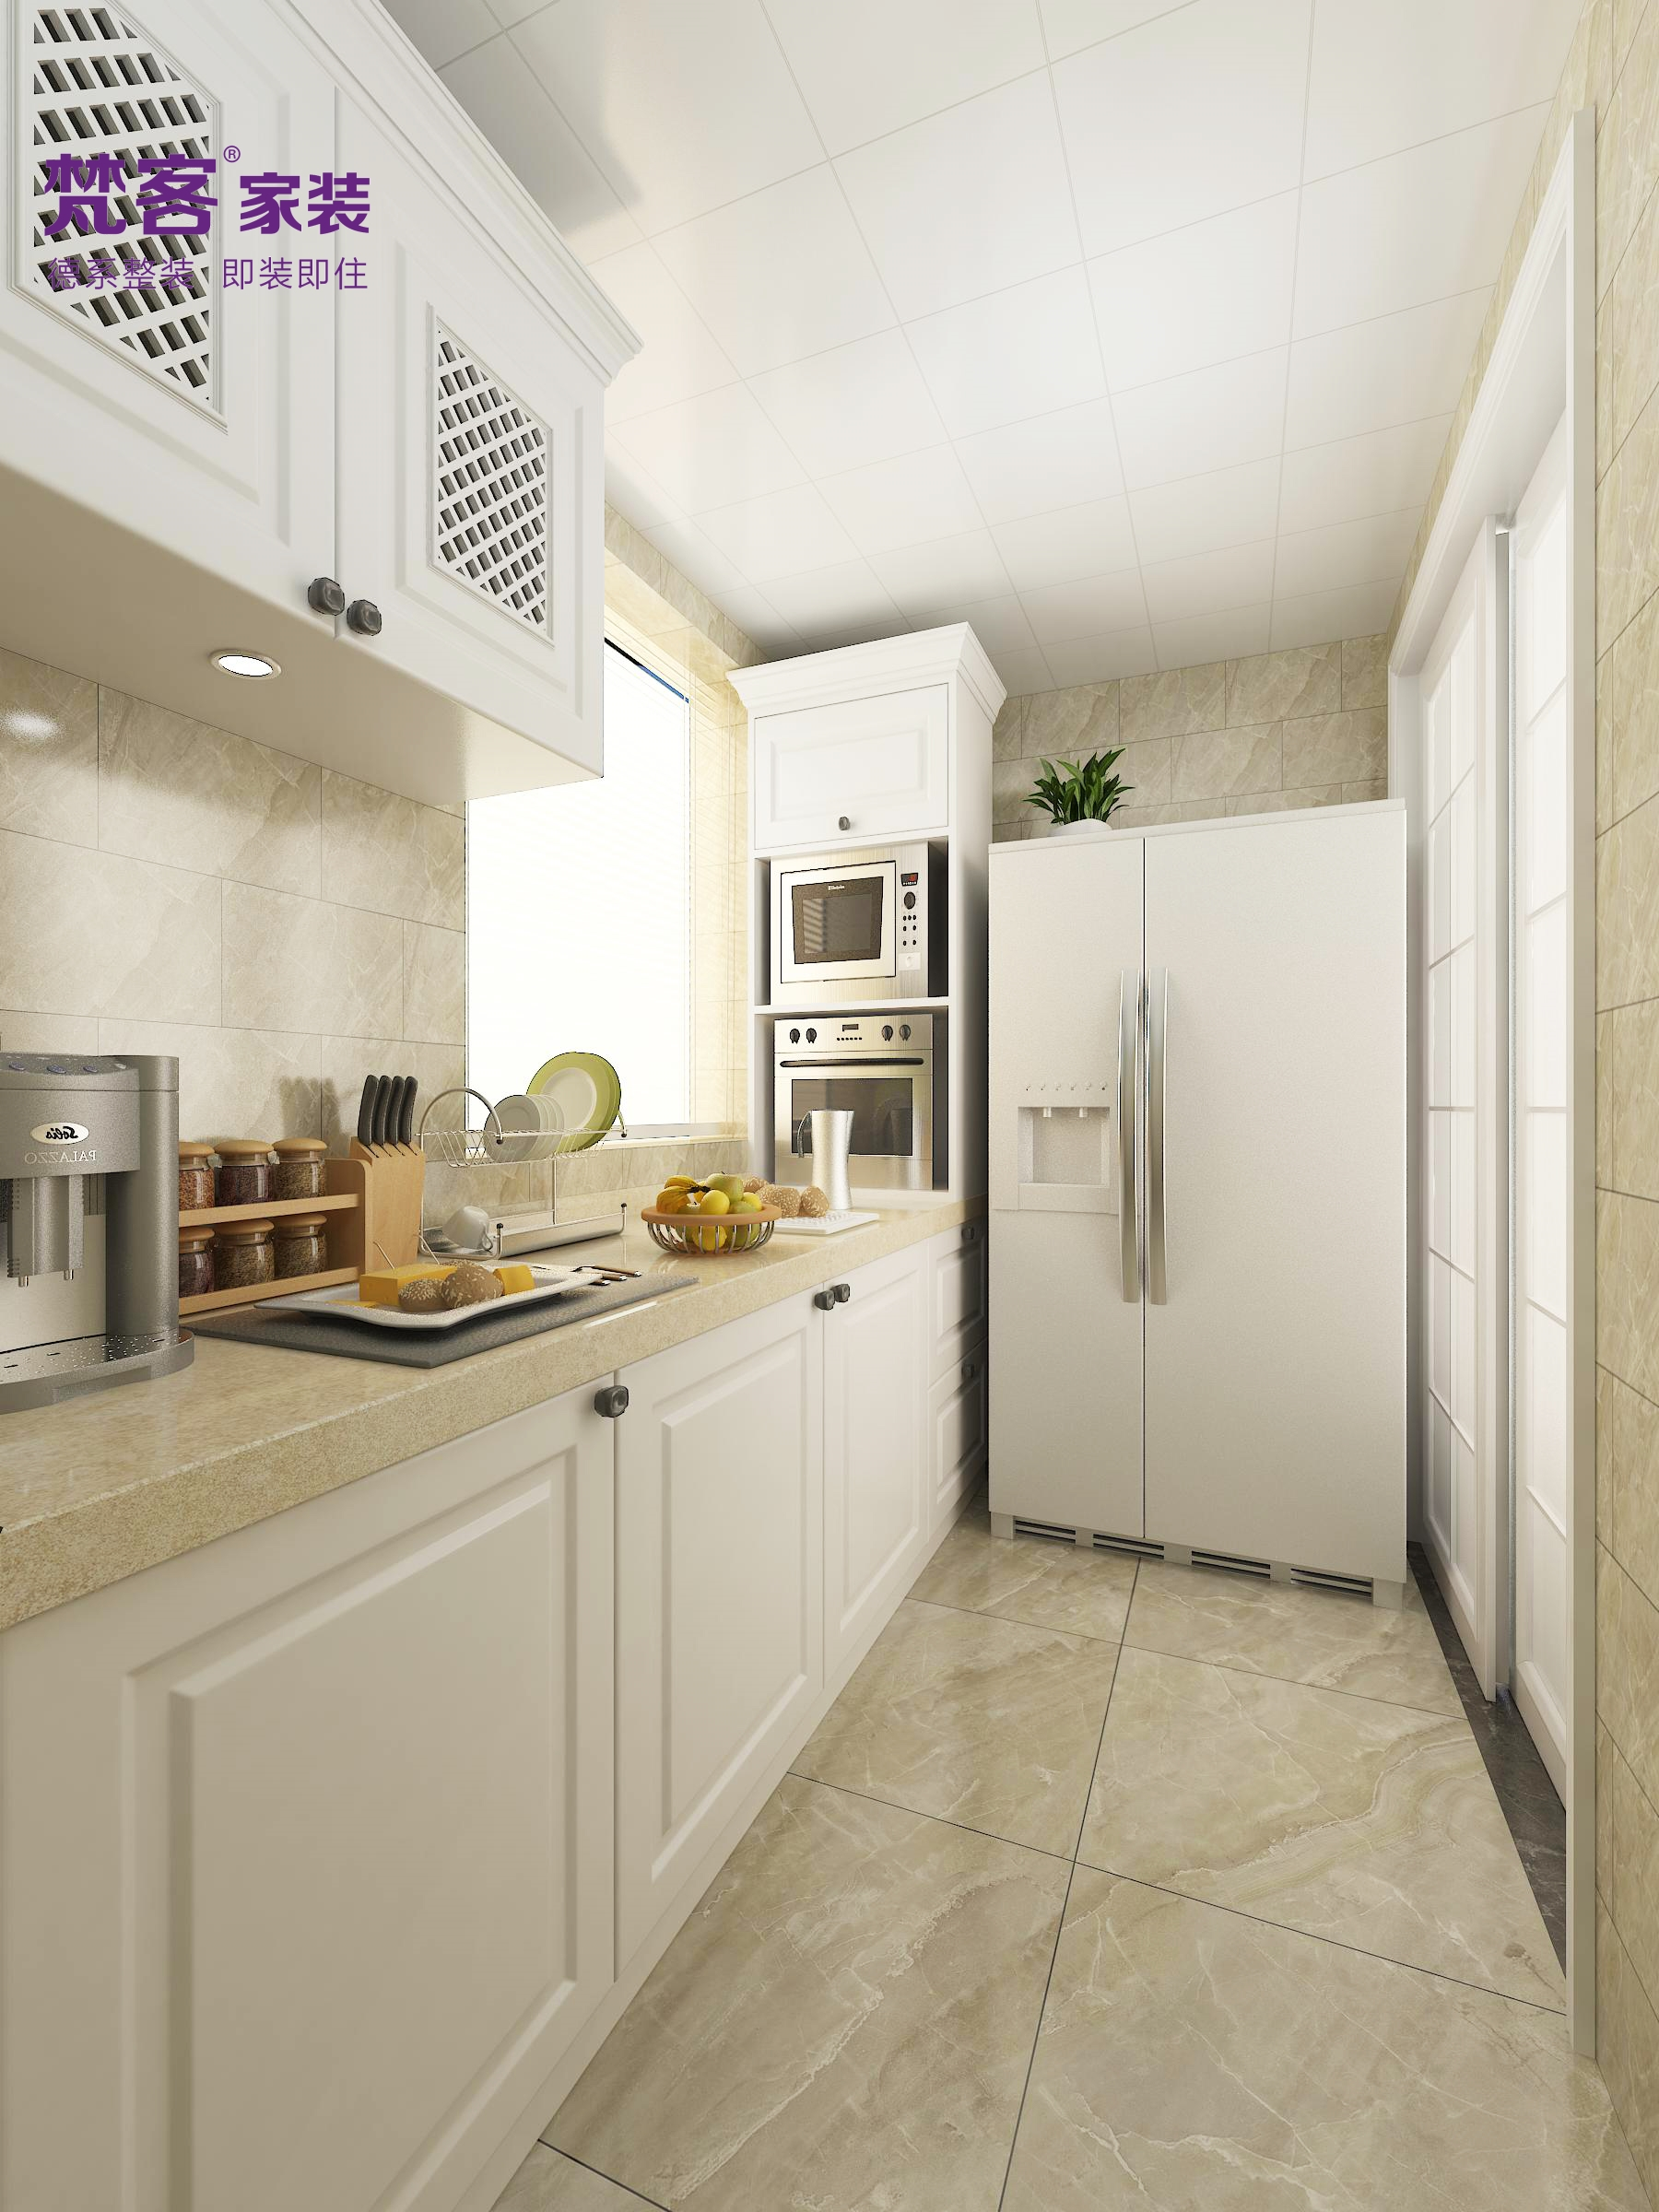 简约 欧式 三居 厨房图片来自乐粉_20180315102349513在雅境新风尚的分享